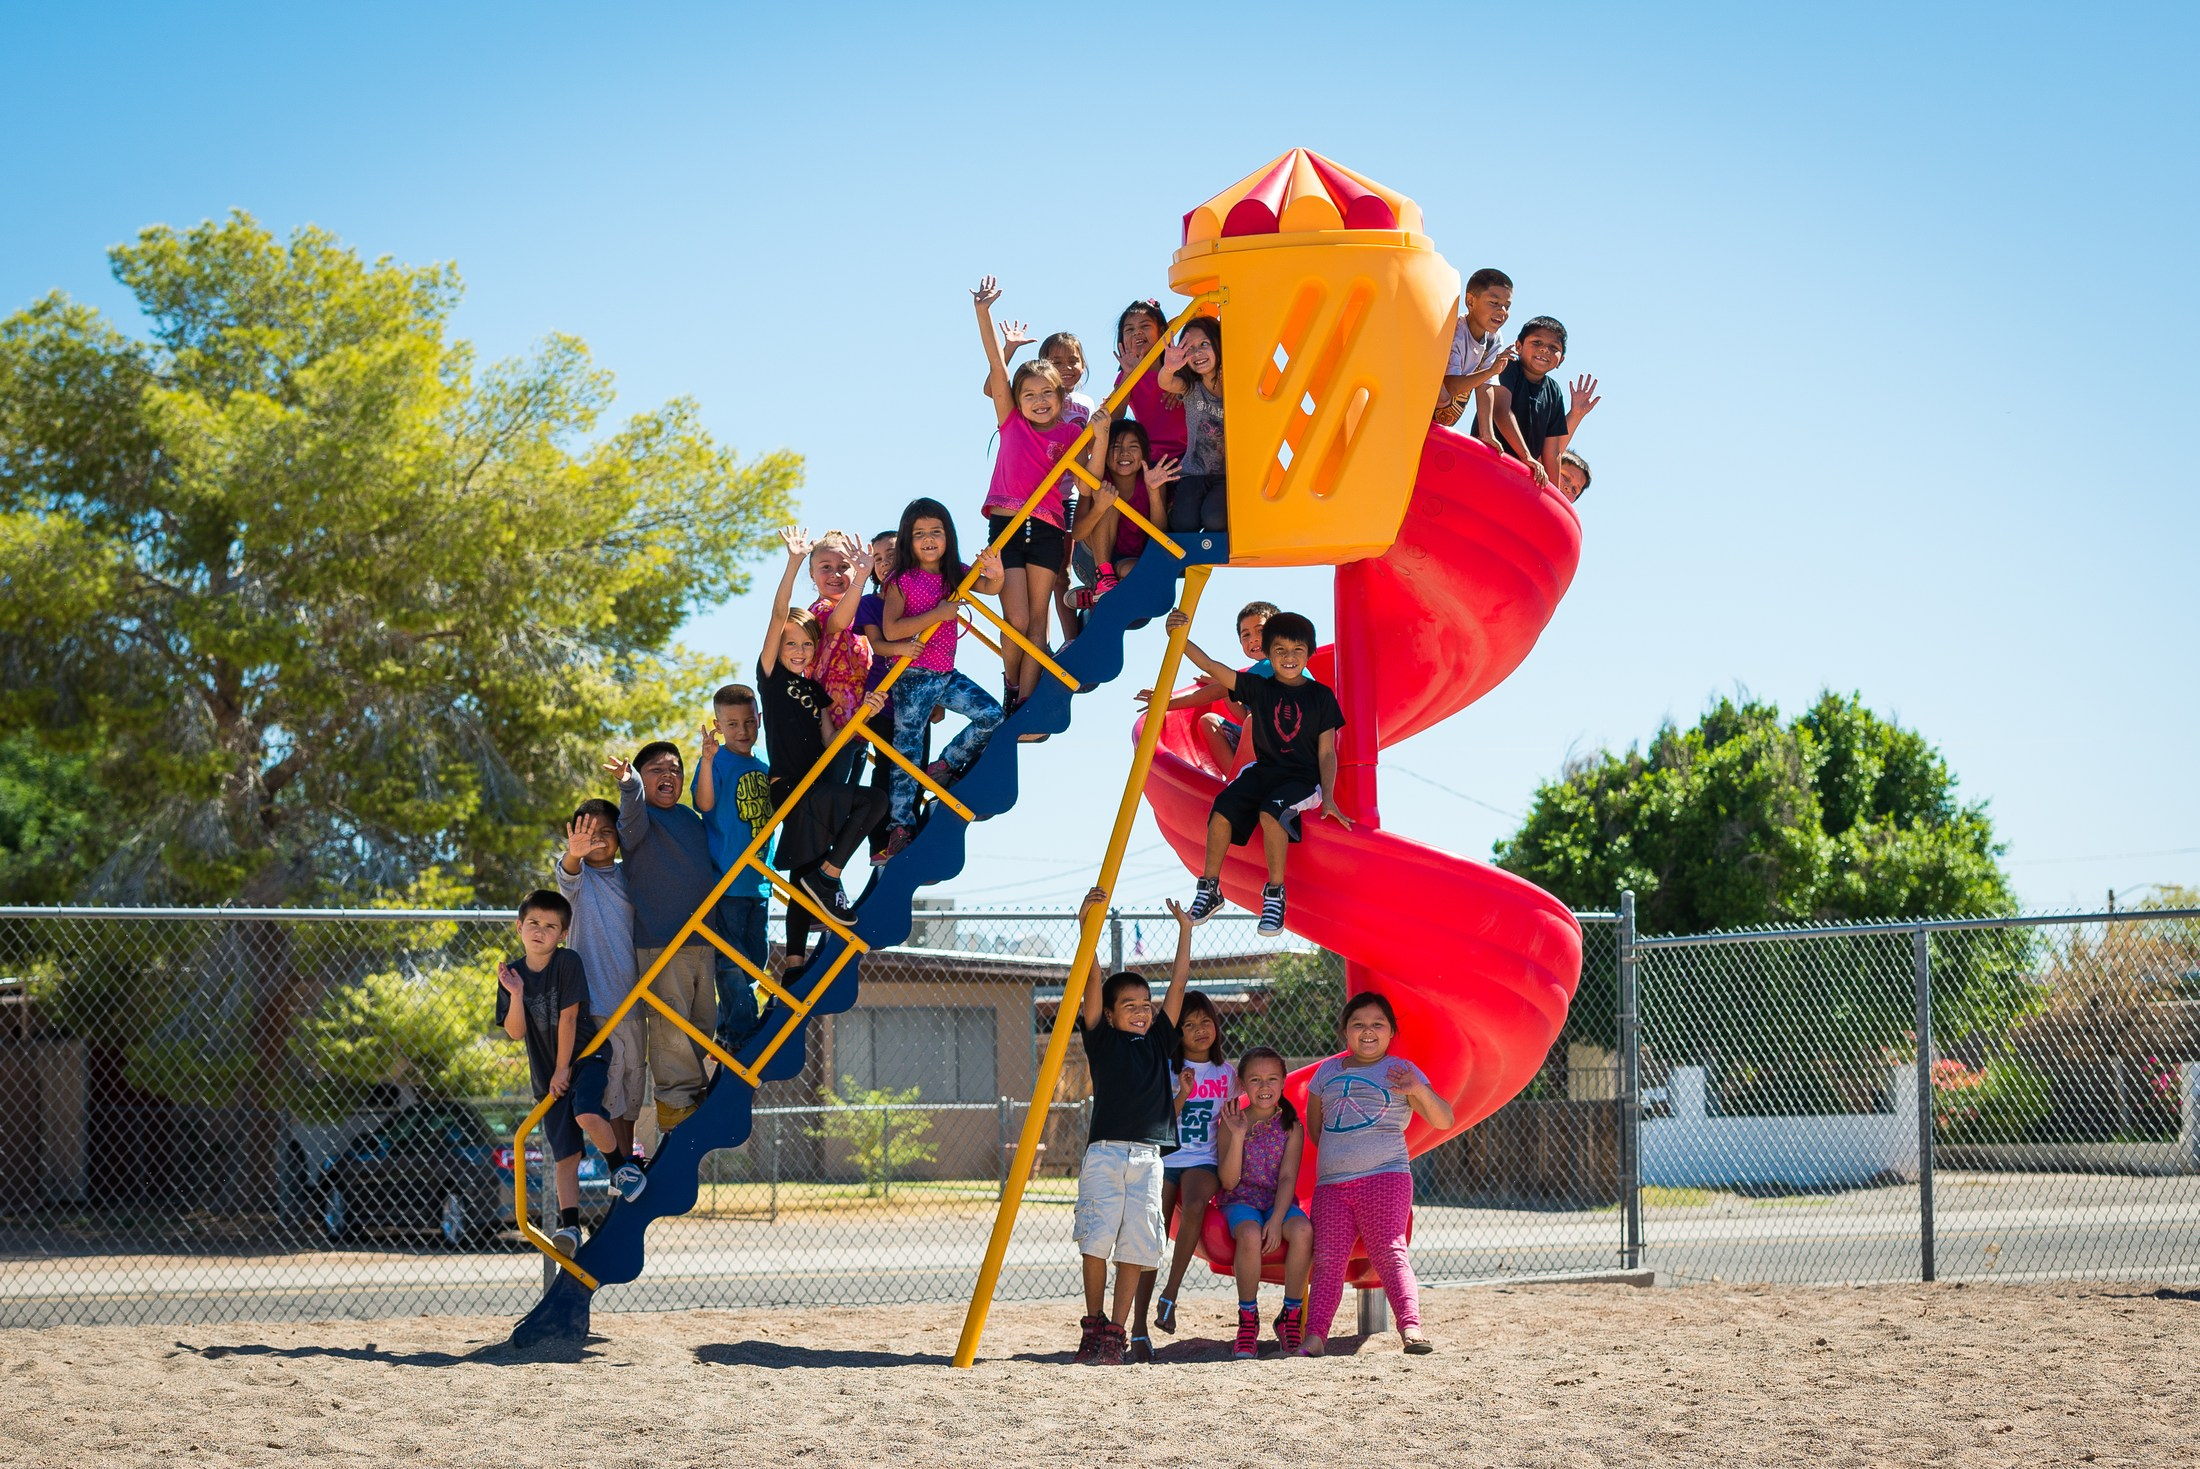 Blake playground